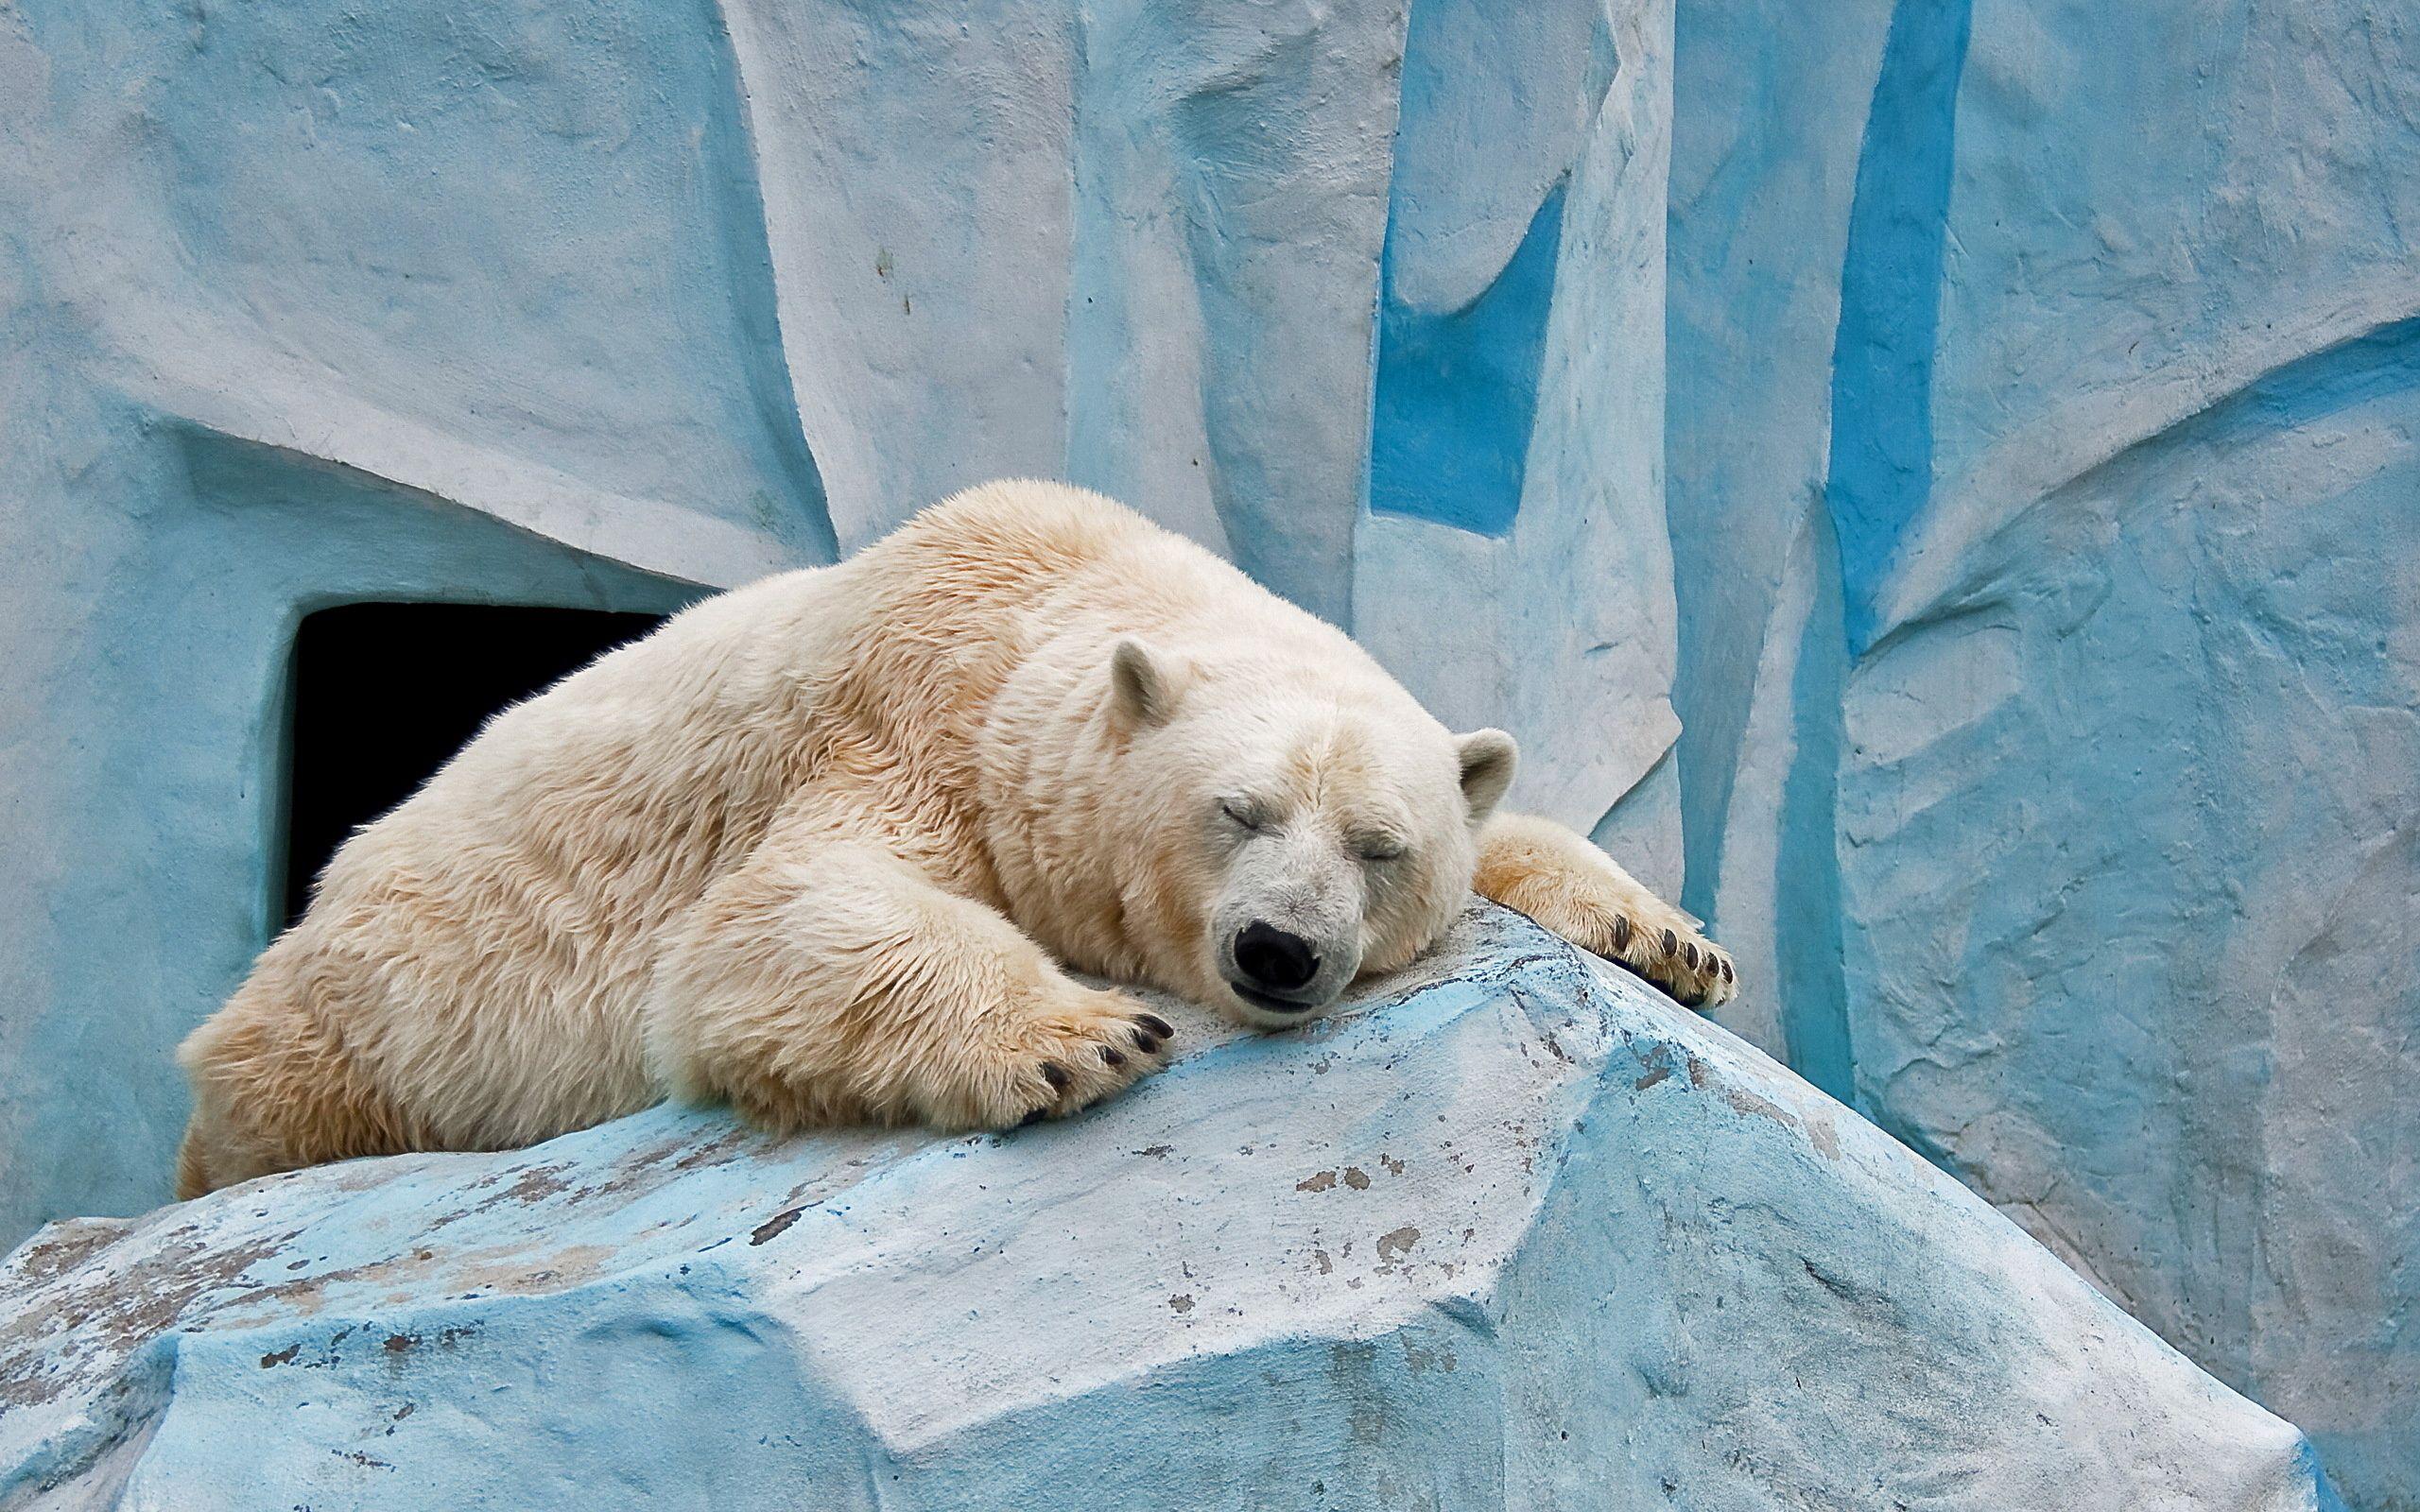 144930 скачать обои Животные, Белый Медведь, Лед, Лежать, Камни - заставки и картинки бесплатно